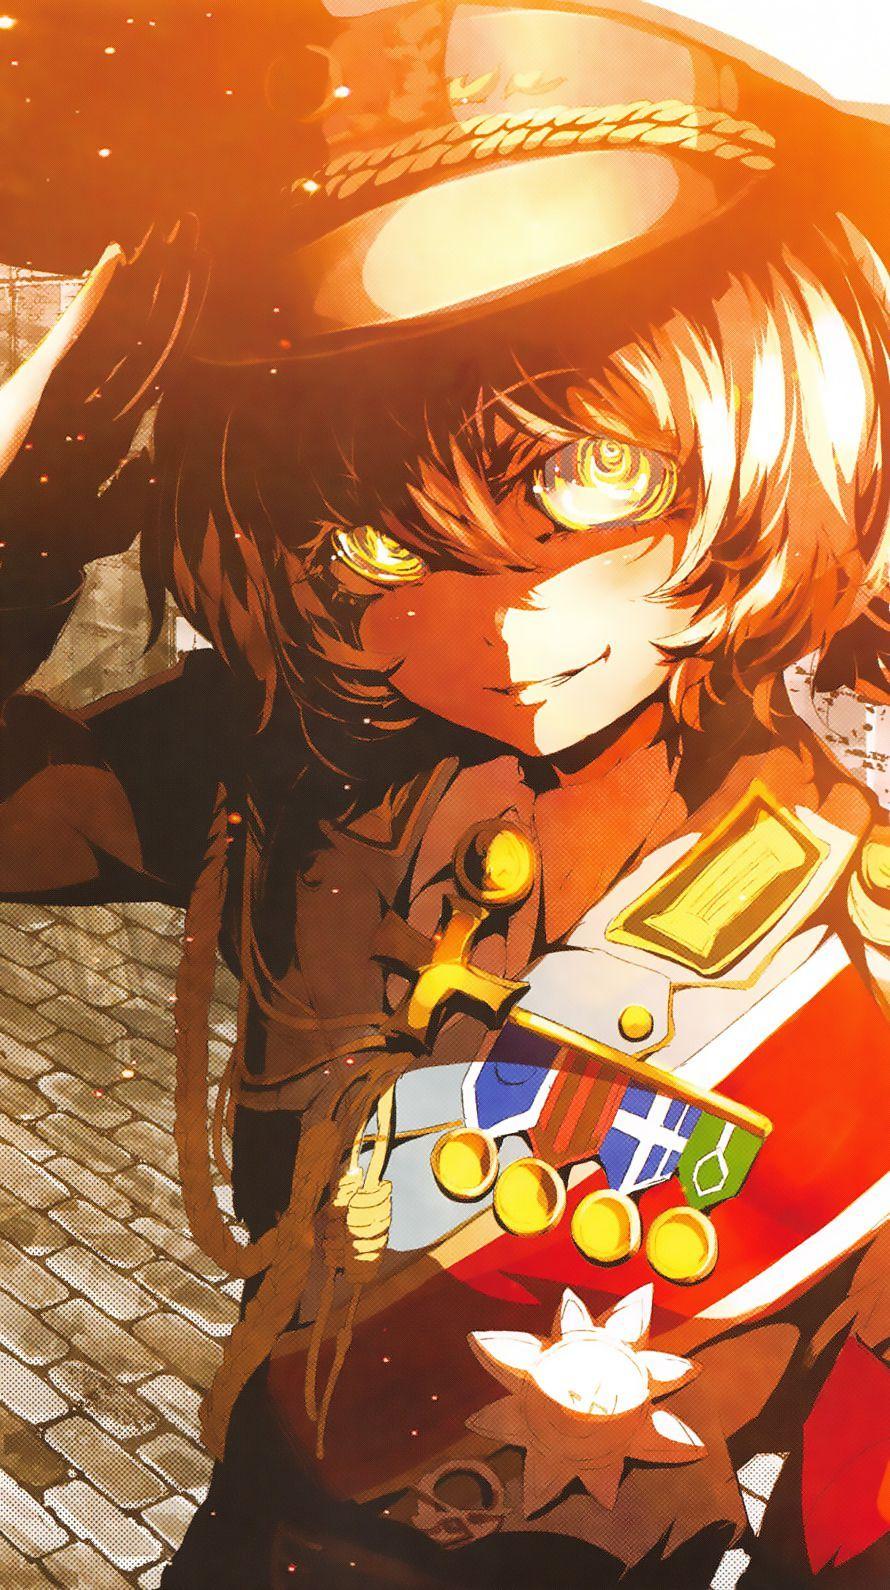 アニメ かっこいい画像」の画像検索結果 | anime/comic | pinterest